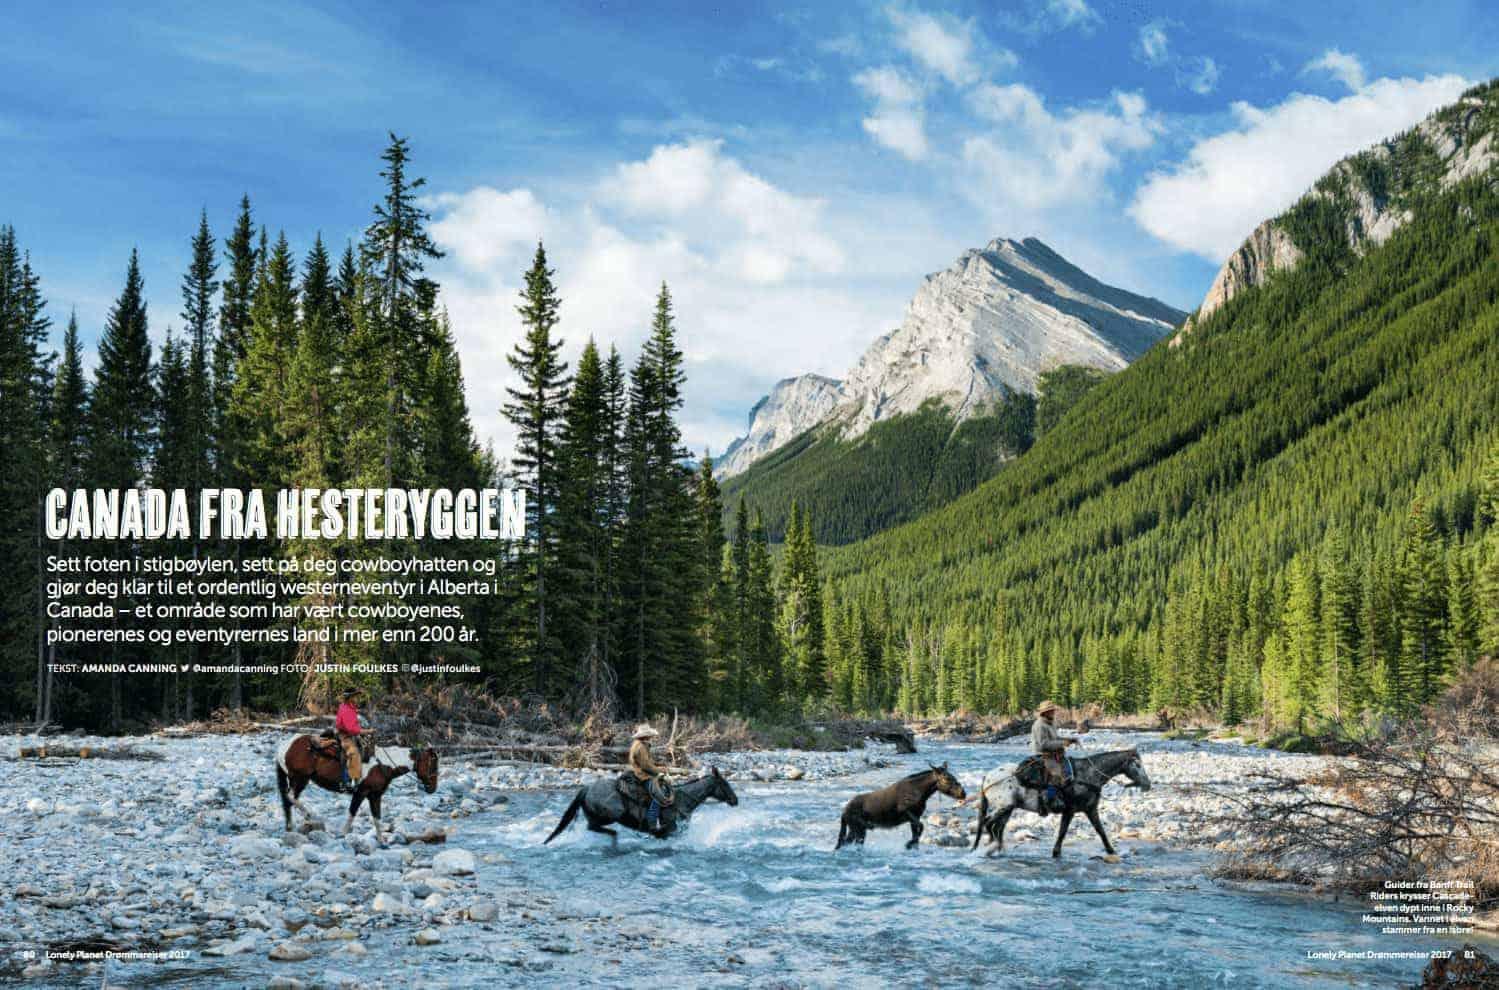 Canada fra hesteryggen, oppslag